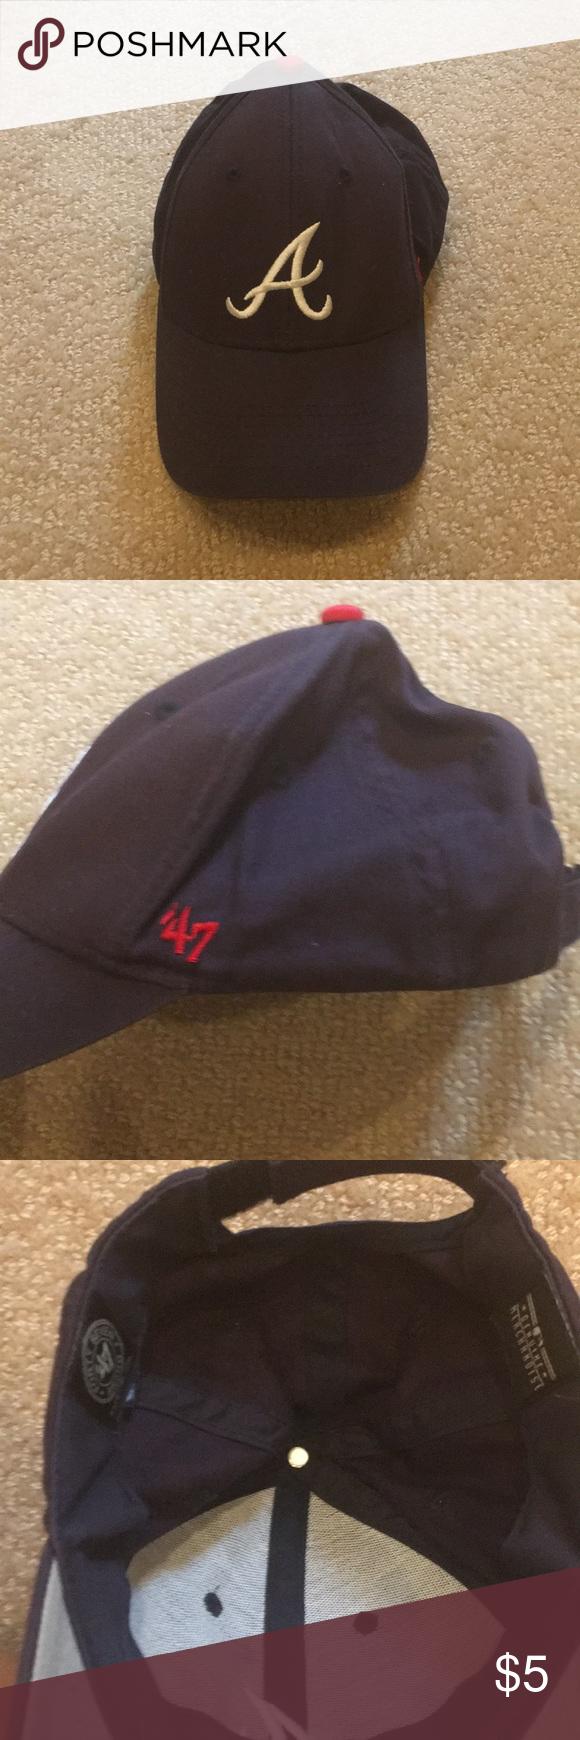 Atlanta Braves Hat Old And Used Atlanta Braves 47 Brand Hat Kids 47 Accessories Hats Atlanta Braves Hat Atlanta Braves 47 Brand